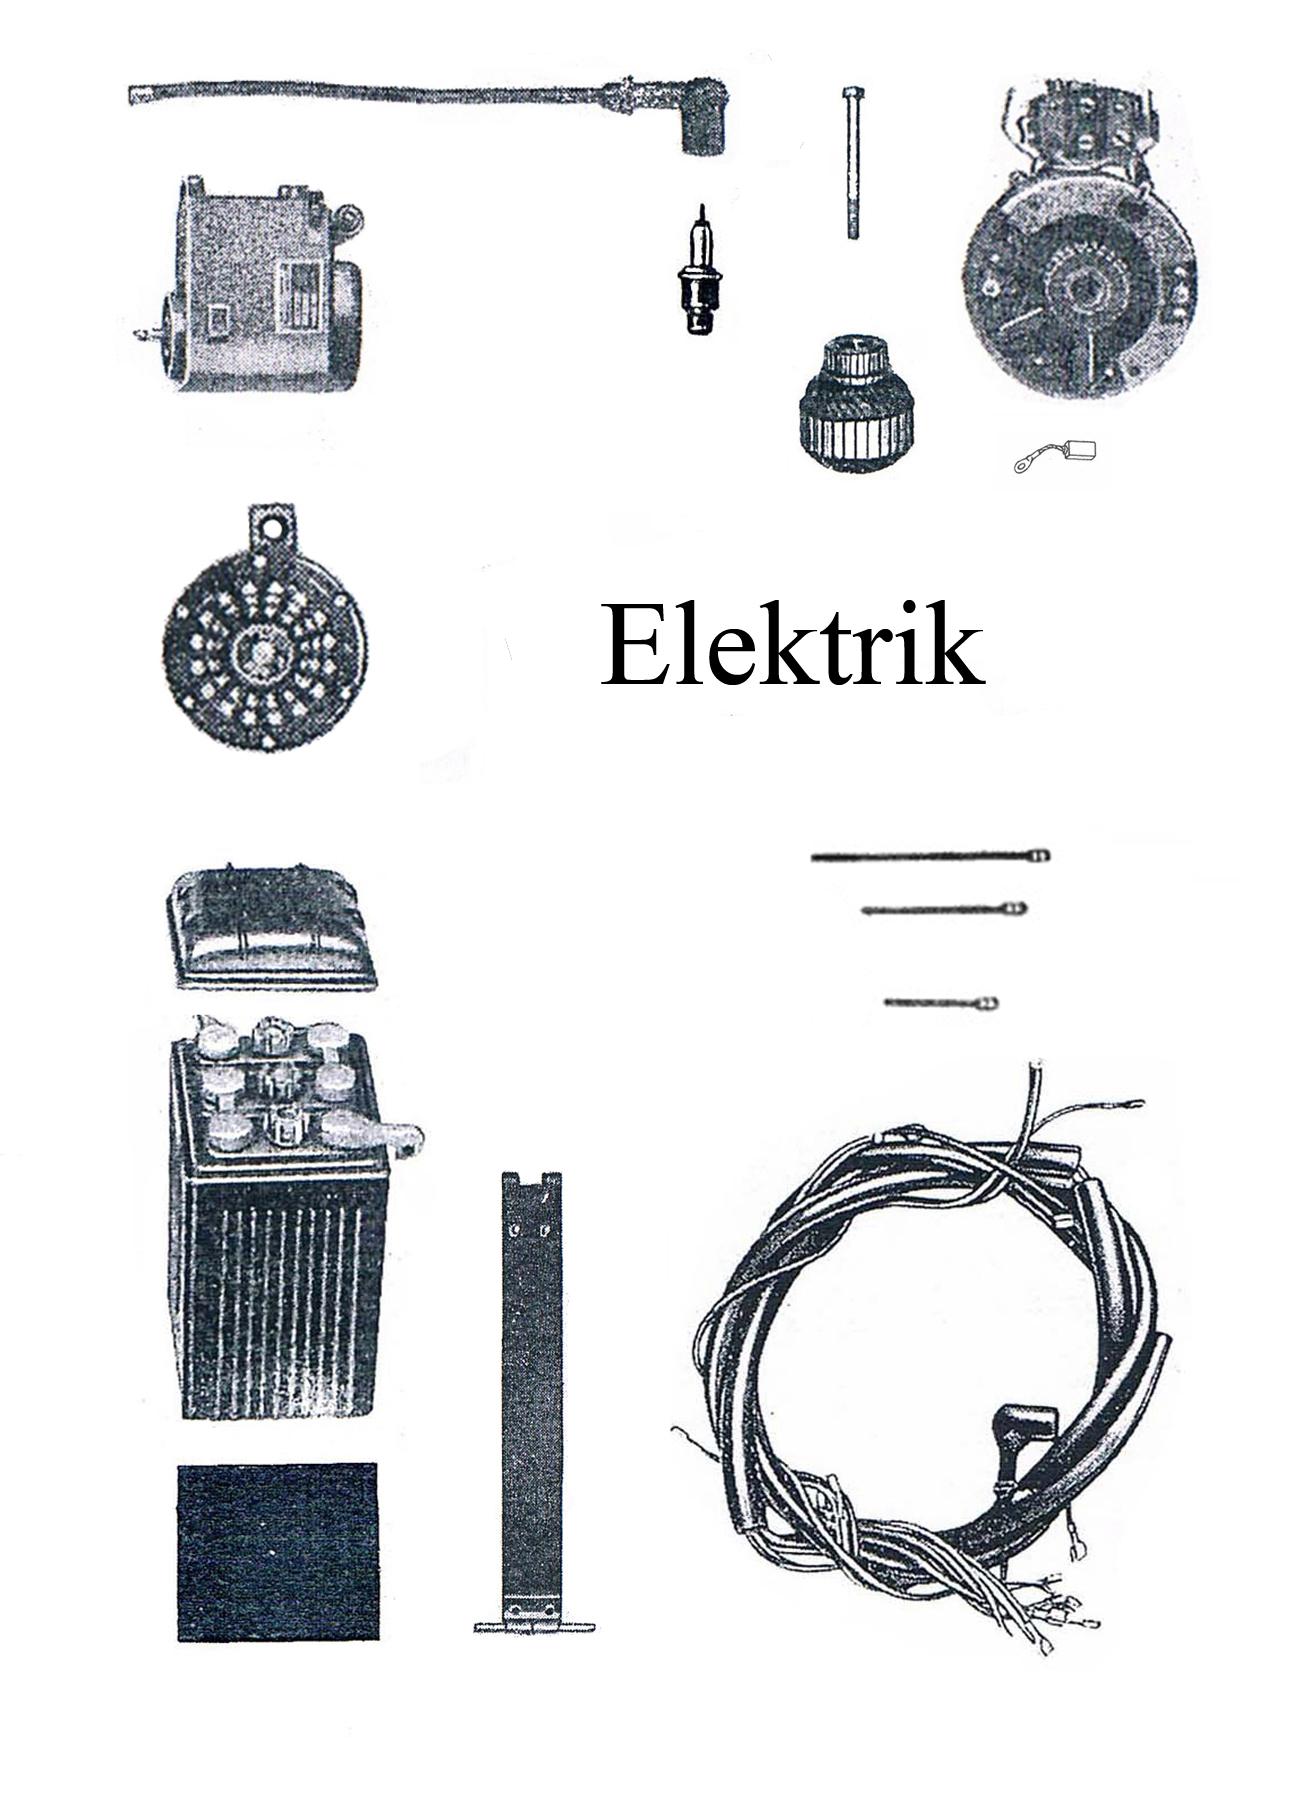 DDR-Motorrad AWO Touren Ersatzteileliste Elektrik Batteriespannband Kabelbaum Lichtmaschine Zündkerze-magnet Hupe